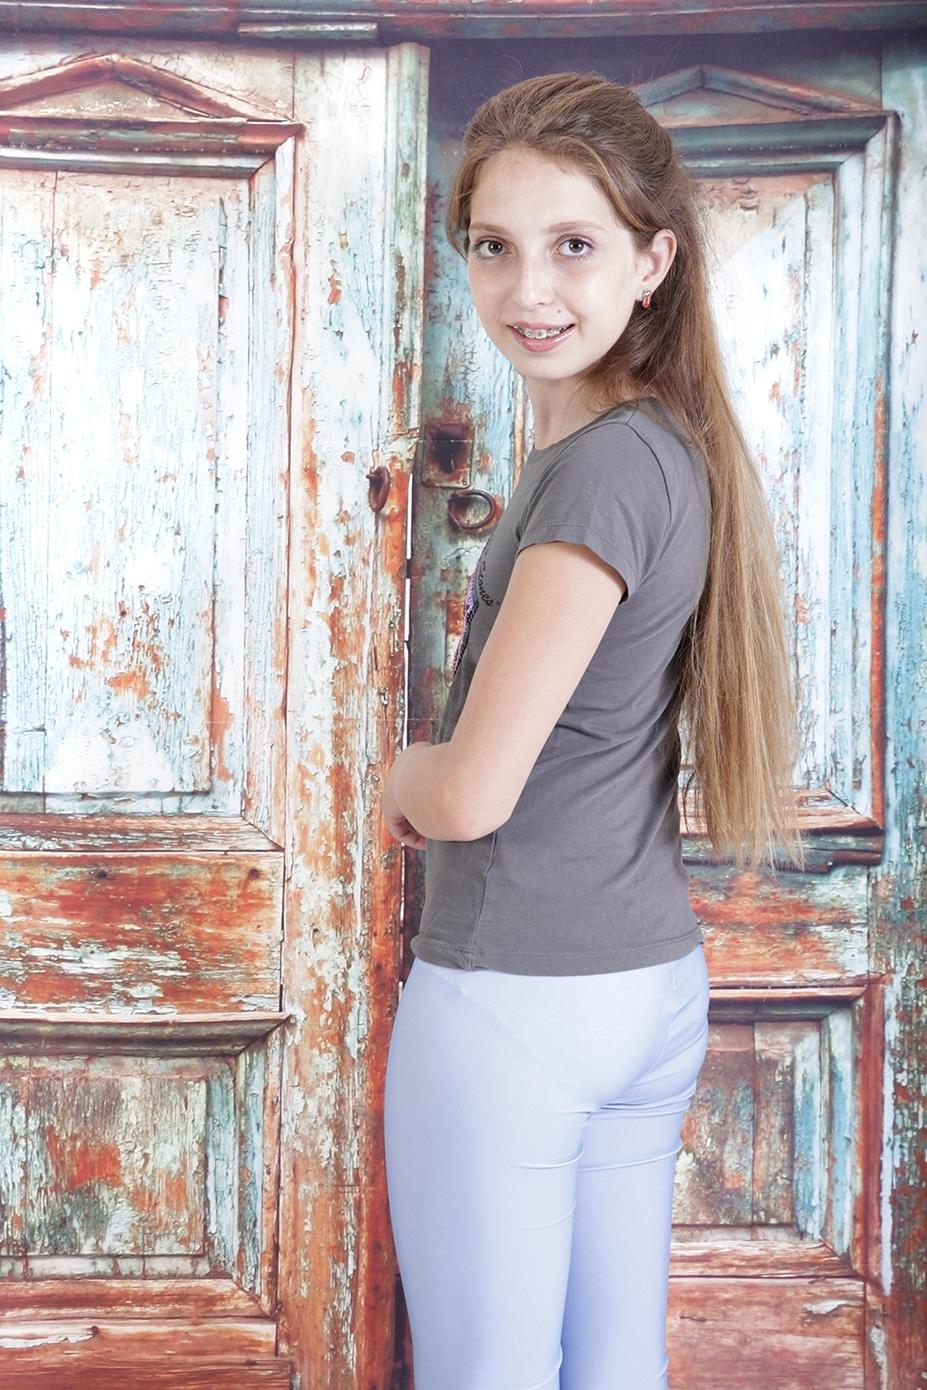 בוק בת מצווה למעיין- גיל לוין (13)